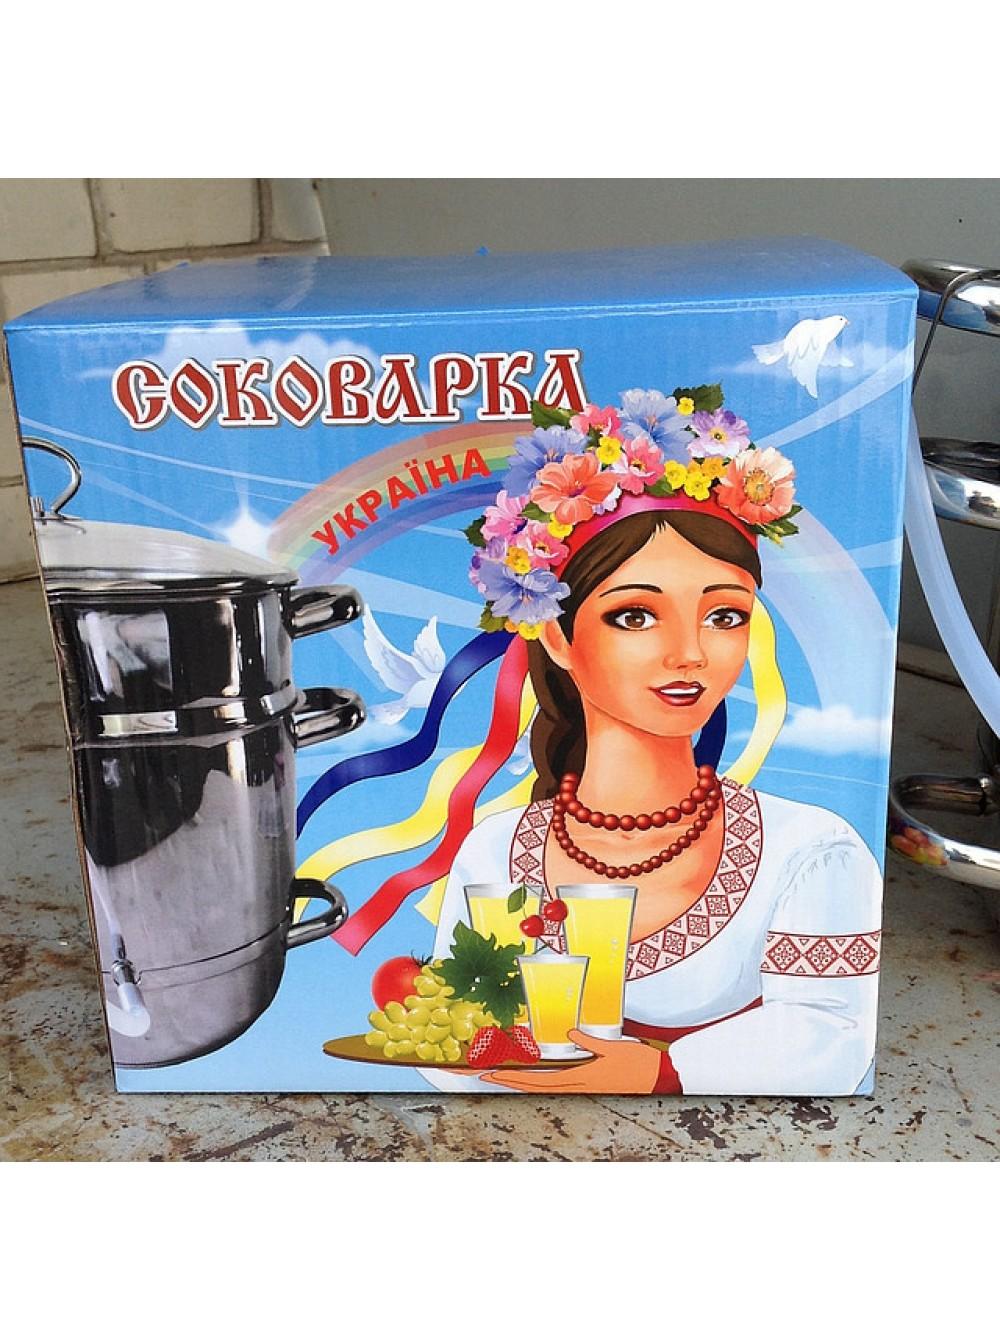 Купить Соковарку. Соковарку на 8 литров купить в Украине a3eb9be1ea4